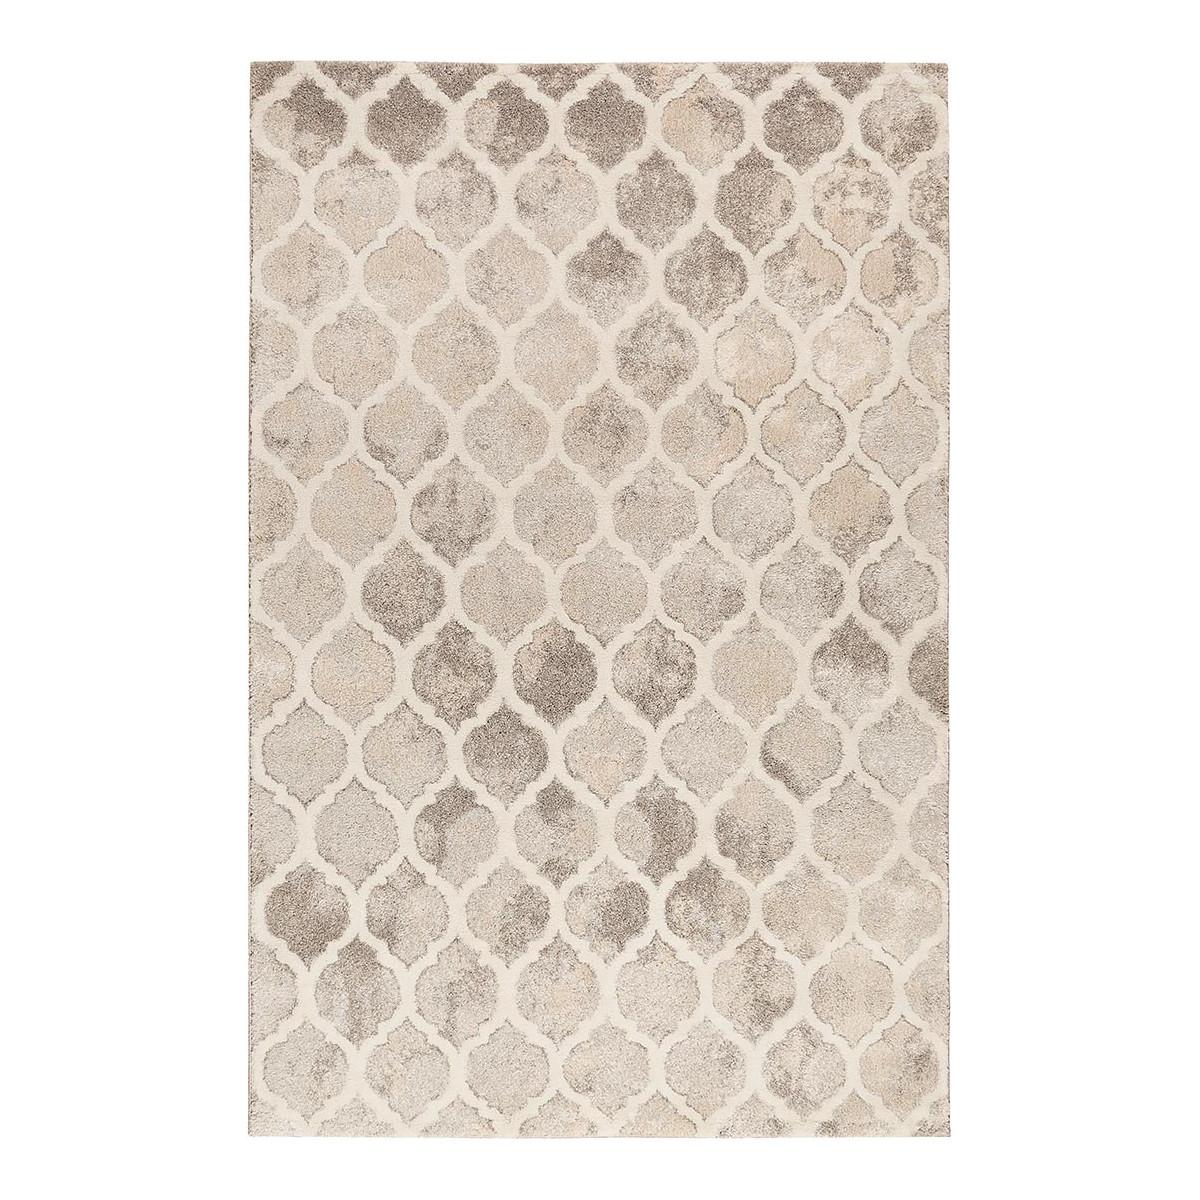 Tapis géométrique design en polypropylène gris 120x170